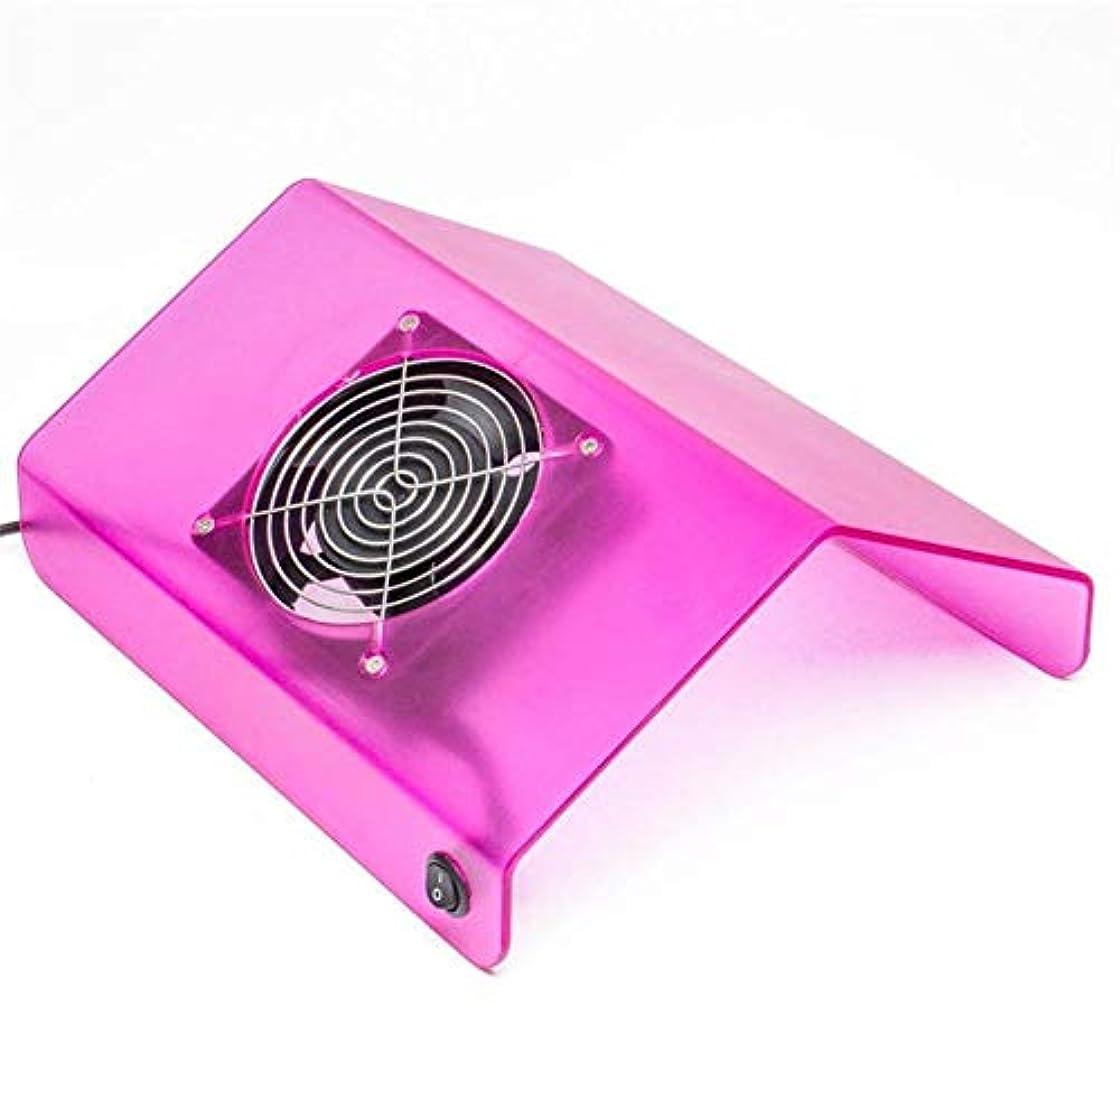 グローグリーンバック裸ネイル掃除機吸引ダストコレクター機ネイルファンサロンアートマニキュアペディキュアネイルクリーニング機器